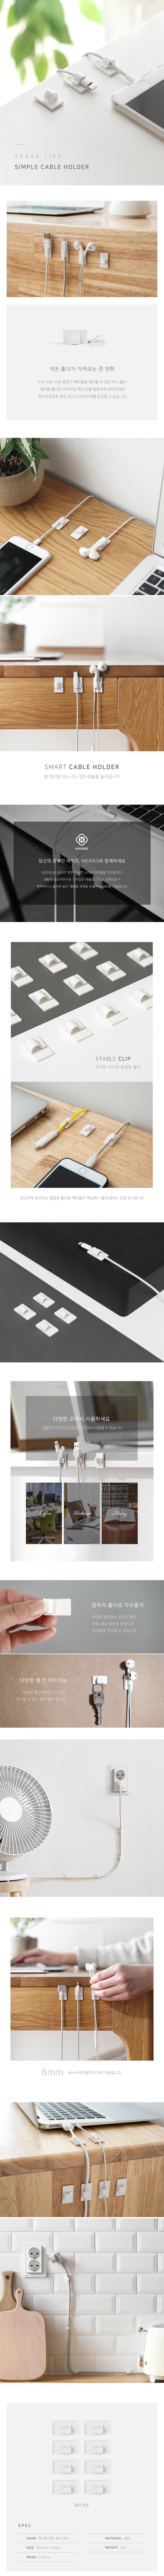 USB 스마트폰 케이블 전선정리 심플 클립 홀더 8EA - 심플, 3,000원, 데스크정리, 케이블 홀더